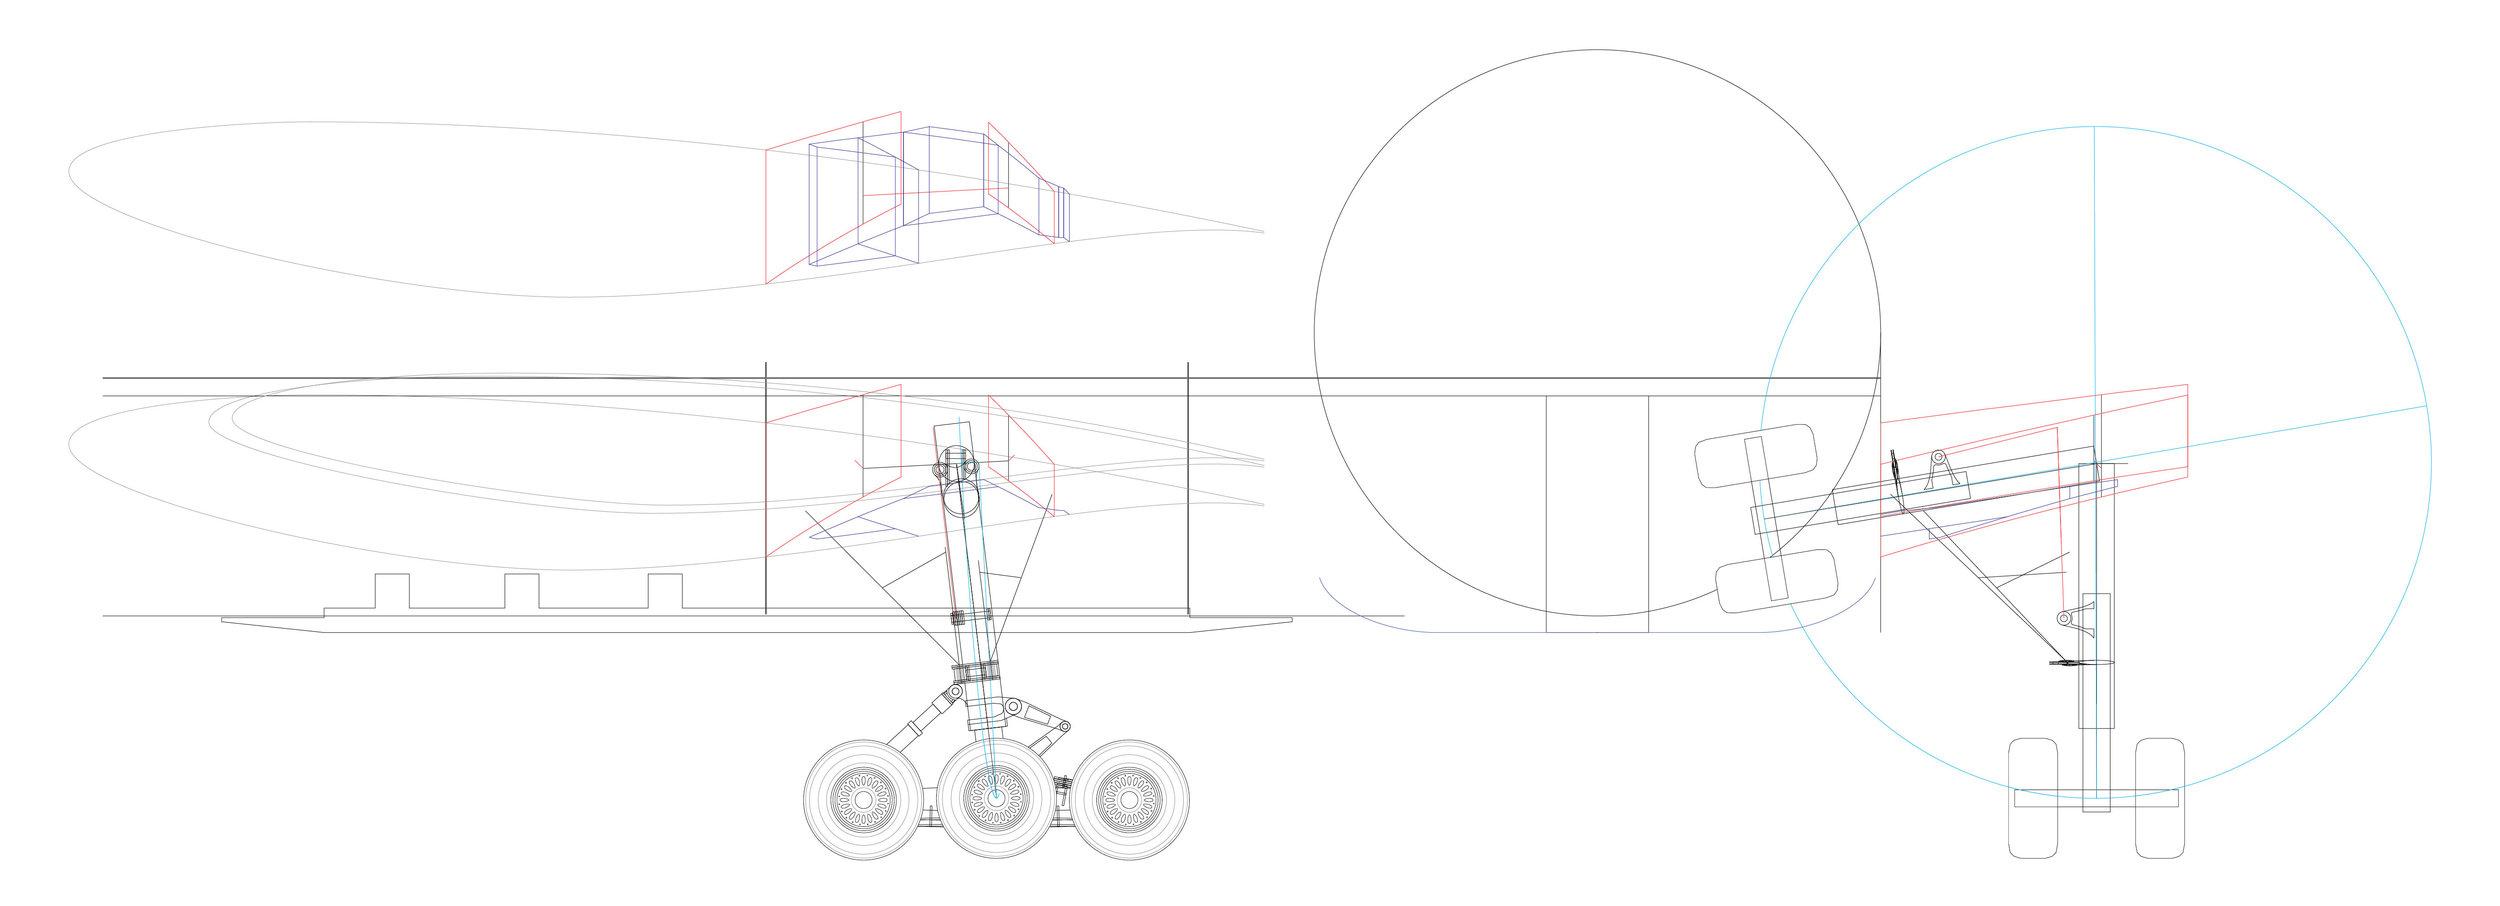 Landing gear - MLG - drawings 1.jpg